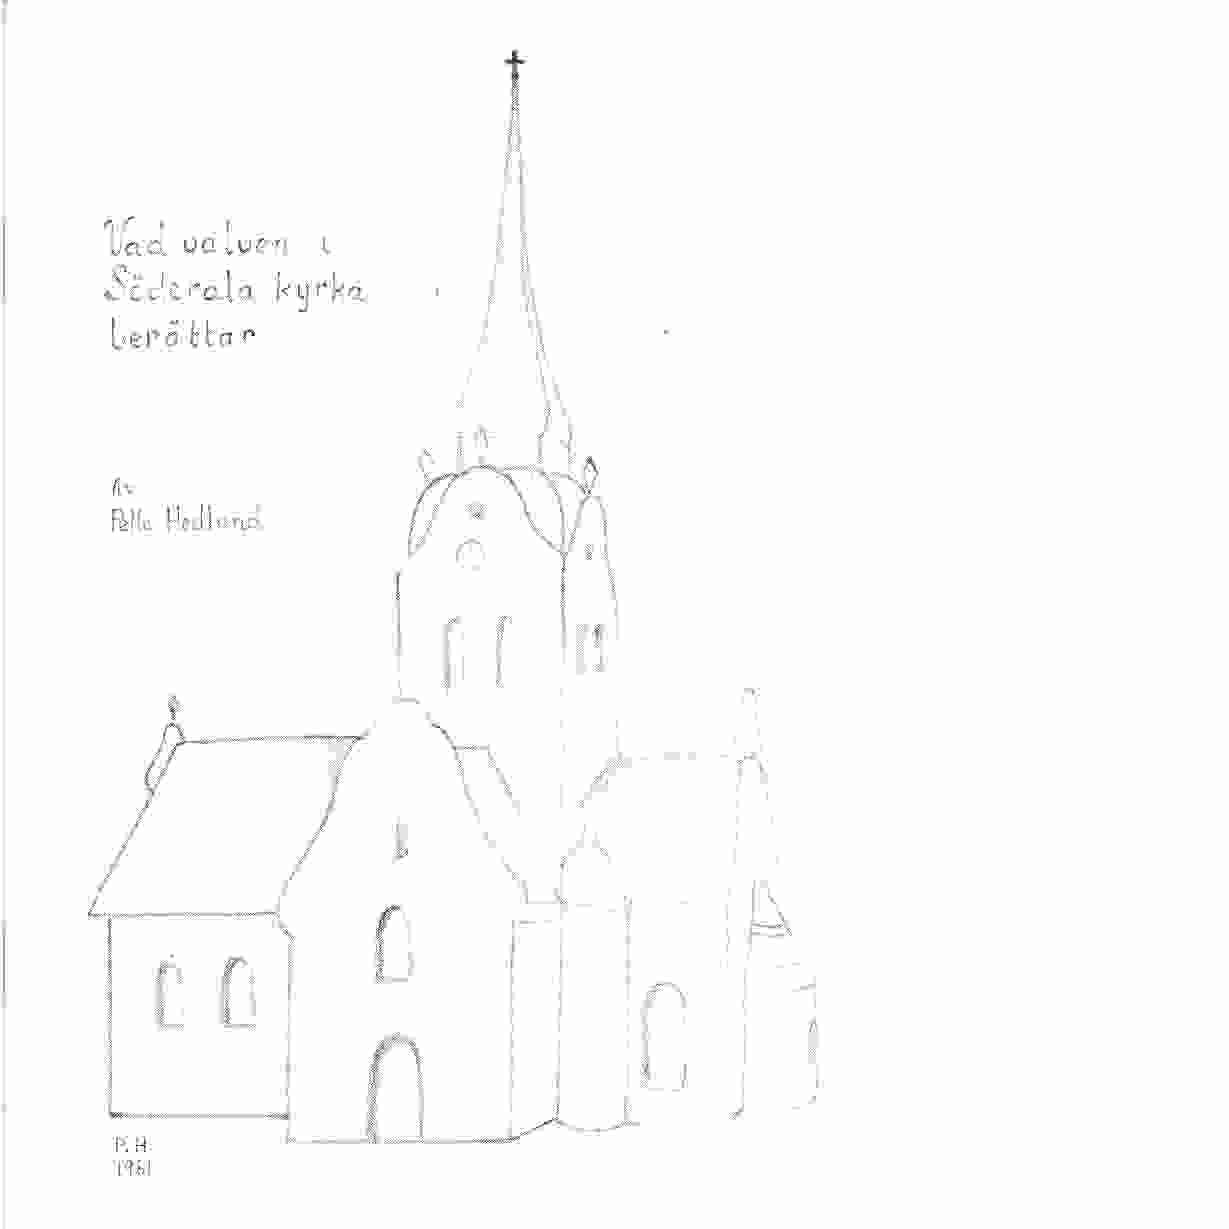 Vad valven i Söderala kyrka berättar. [D. 1] - Hedlund, Pelle